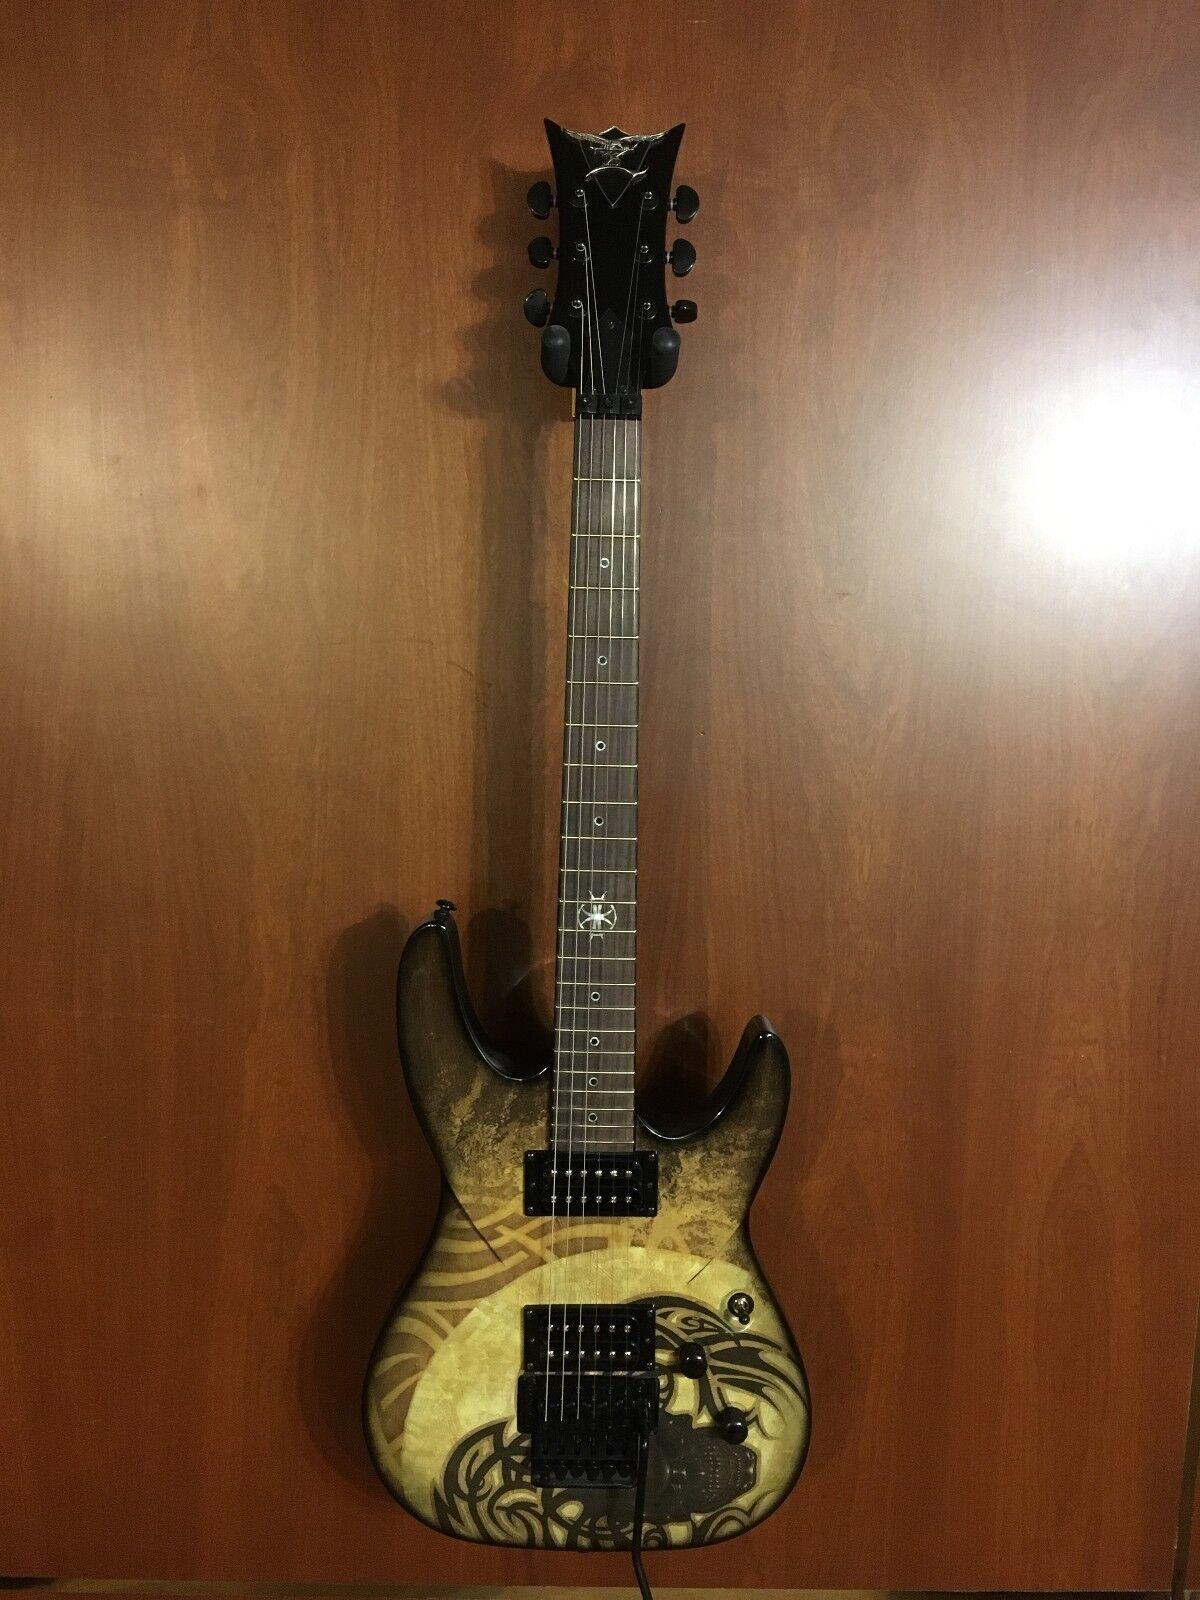 DBZ Diamond Barchetta Barebone Gitarre CLEARANCE SALE